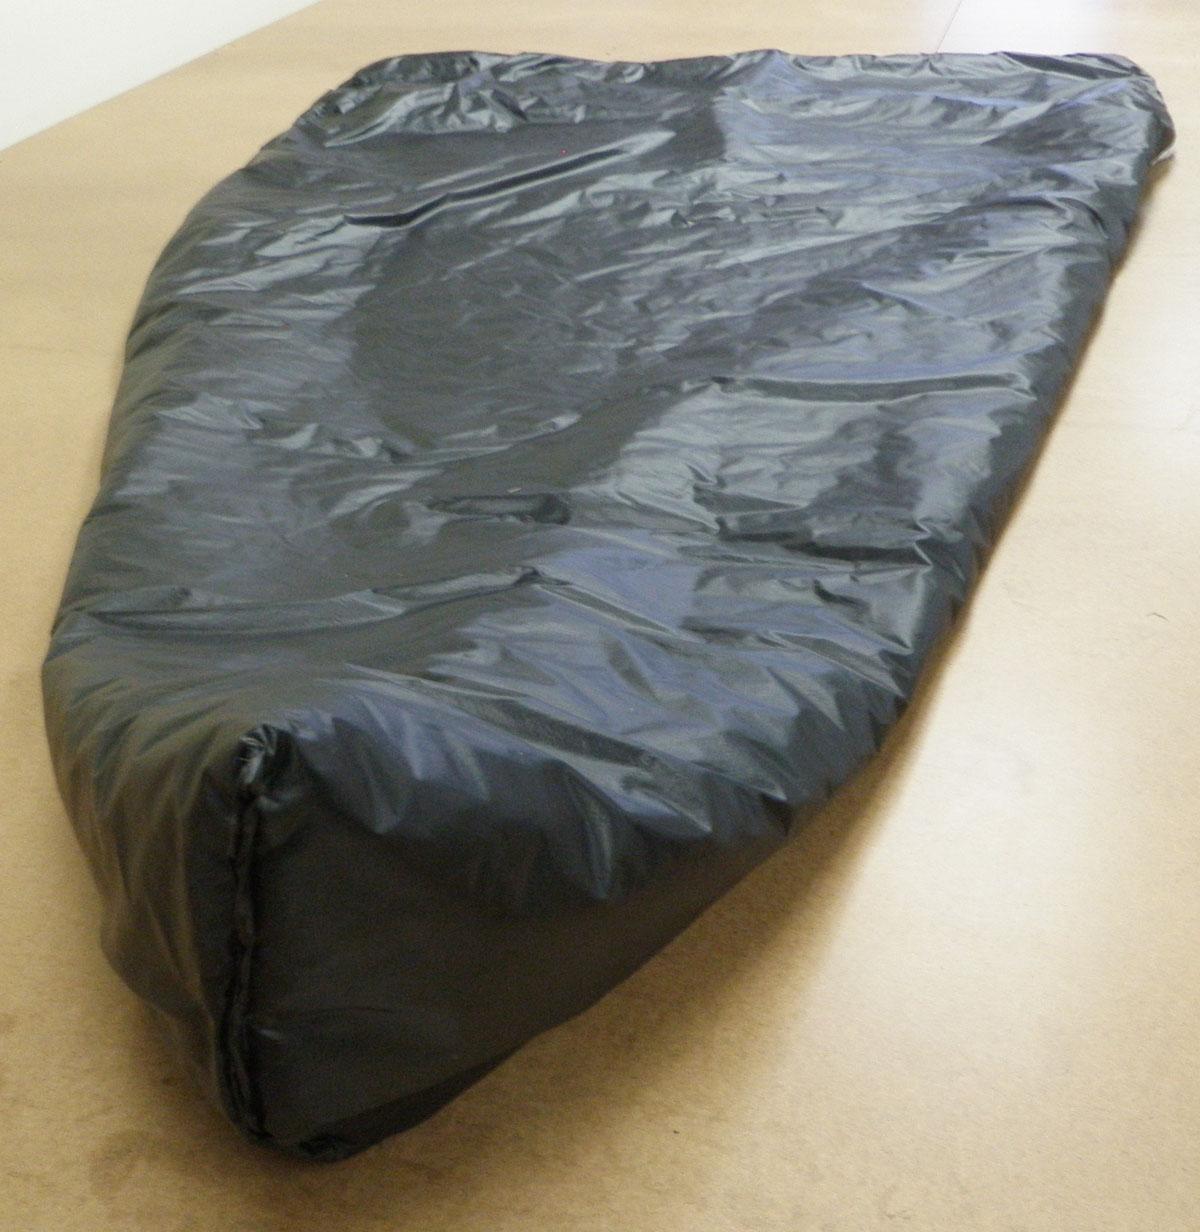 molly mac gear top blanket molly mac gear top blanket   outdoortrailgear hammockbackpacking      rh   outdoortrailgear